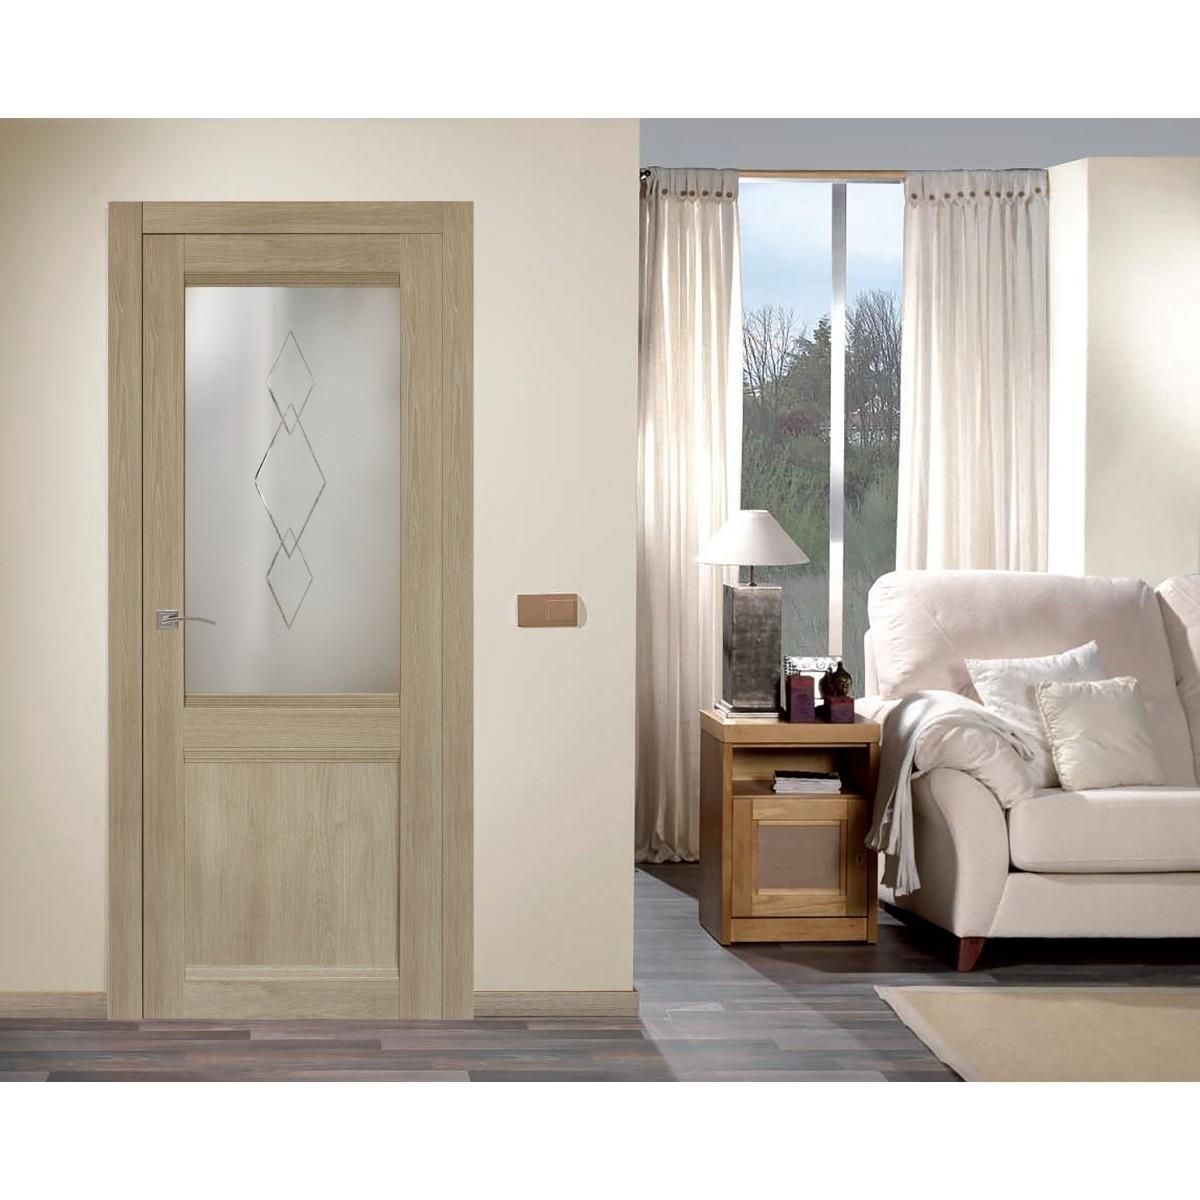 Дверь Межкомнатная Остеклённая Арагона 80Х200 Цвет Дуб Тёрнер С Фурнитурой